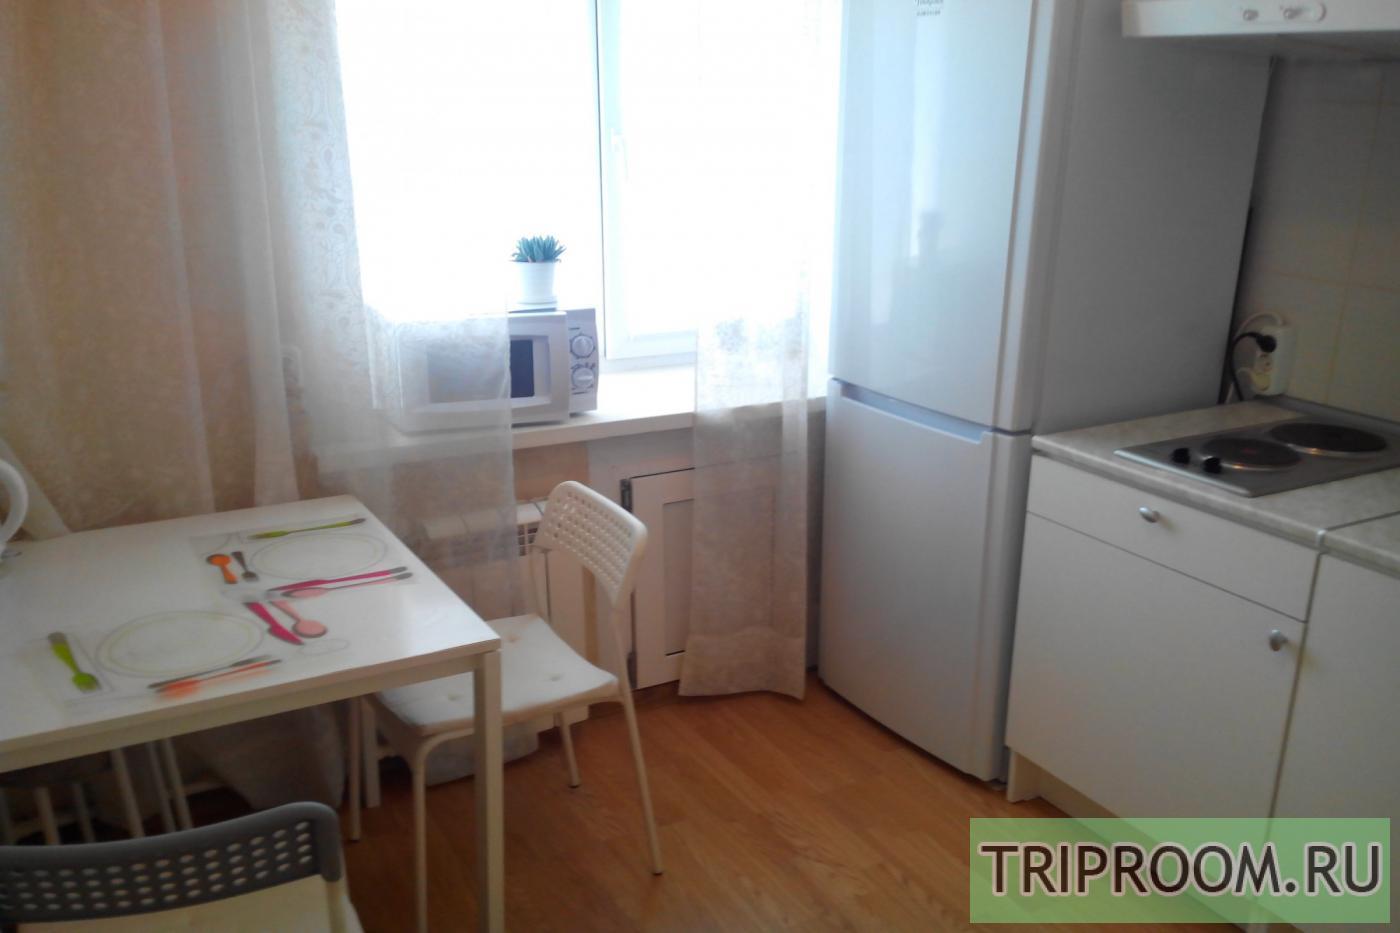 1-комнатная квартира посуточно (вариант № 5966), ул. Гоголя улица, фото № 13